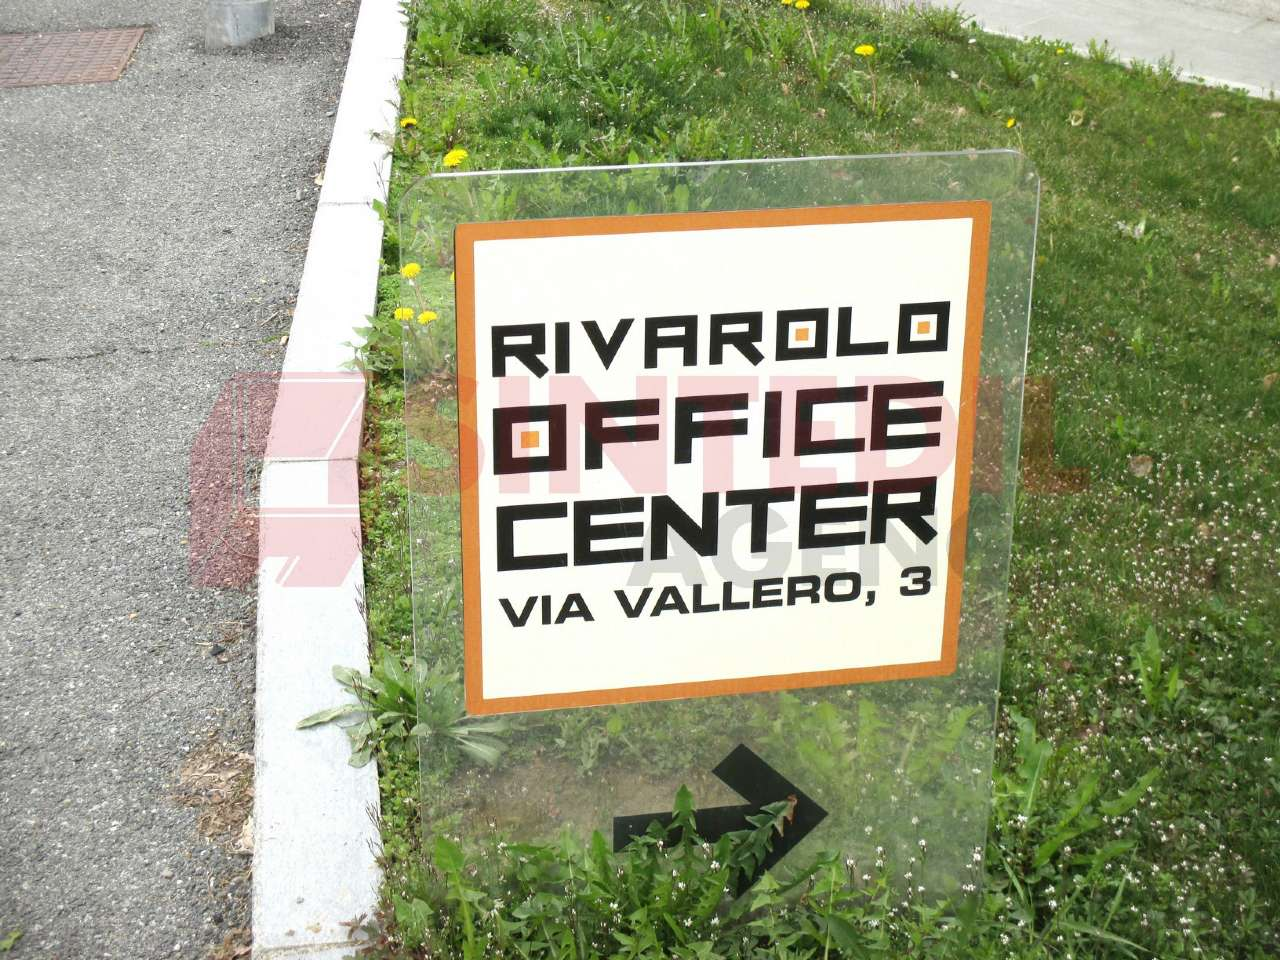 Immagine immobiliare ufficio luminosissimo e spazioso A Rivarolo Canavese, Via Vallero (zona centrale) nella nuova palazzina direzionale denominata